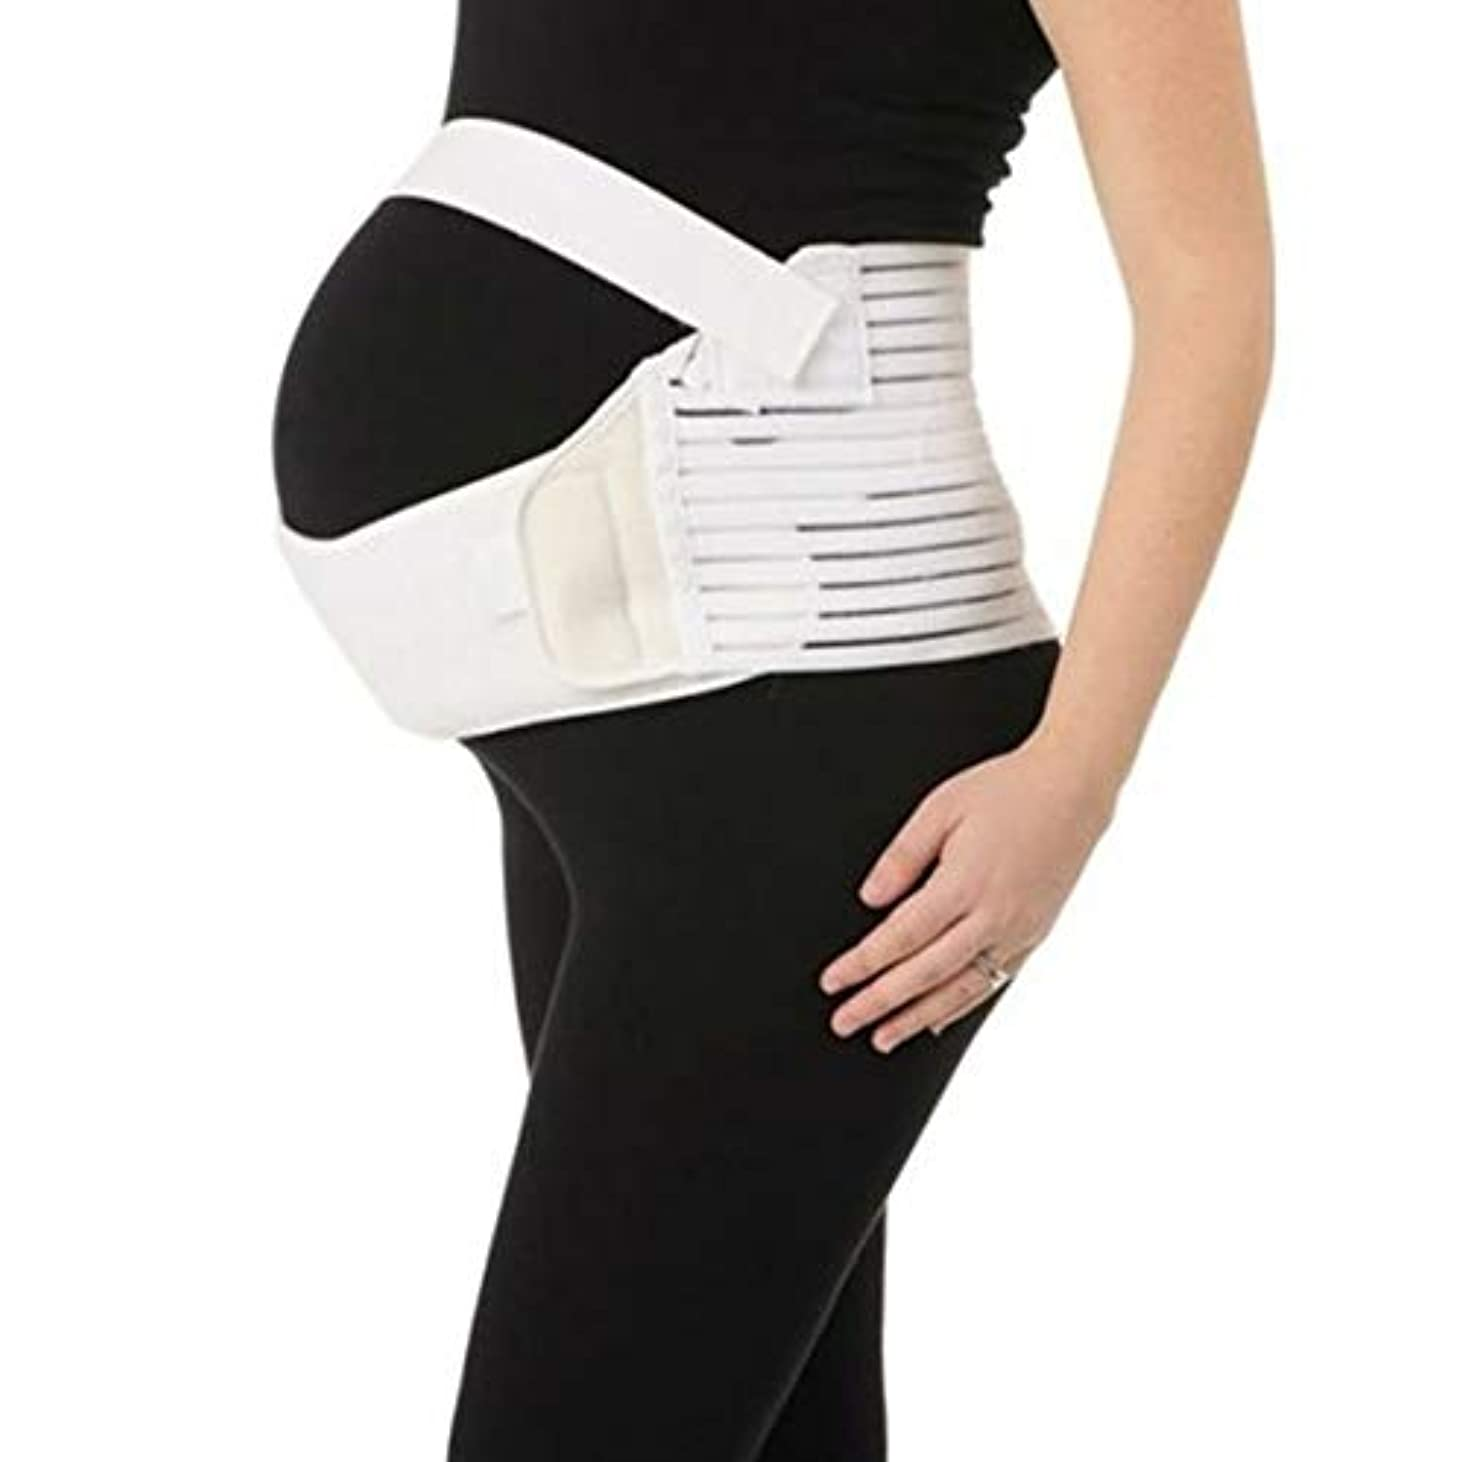 実質的にプレビスサイトイヤホン通気性産科ベルト妊娠腹部サポート腹部バインダーガードル運動包帯産後の回復形状ウェア - ホワイトM